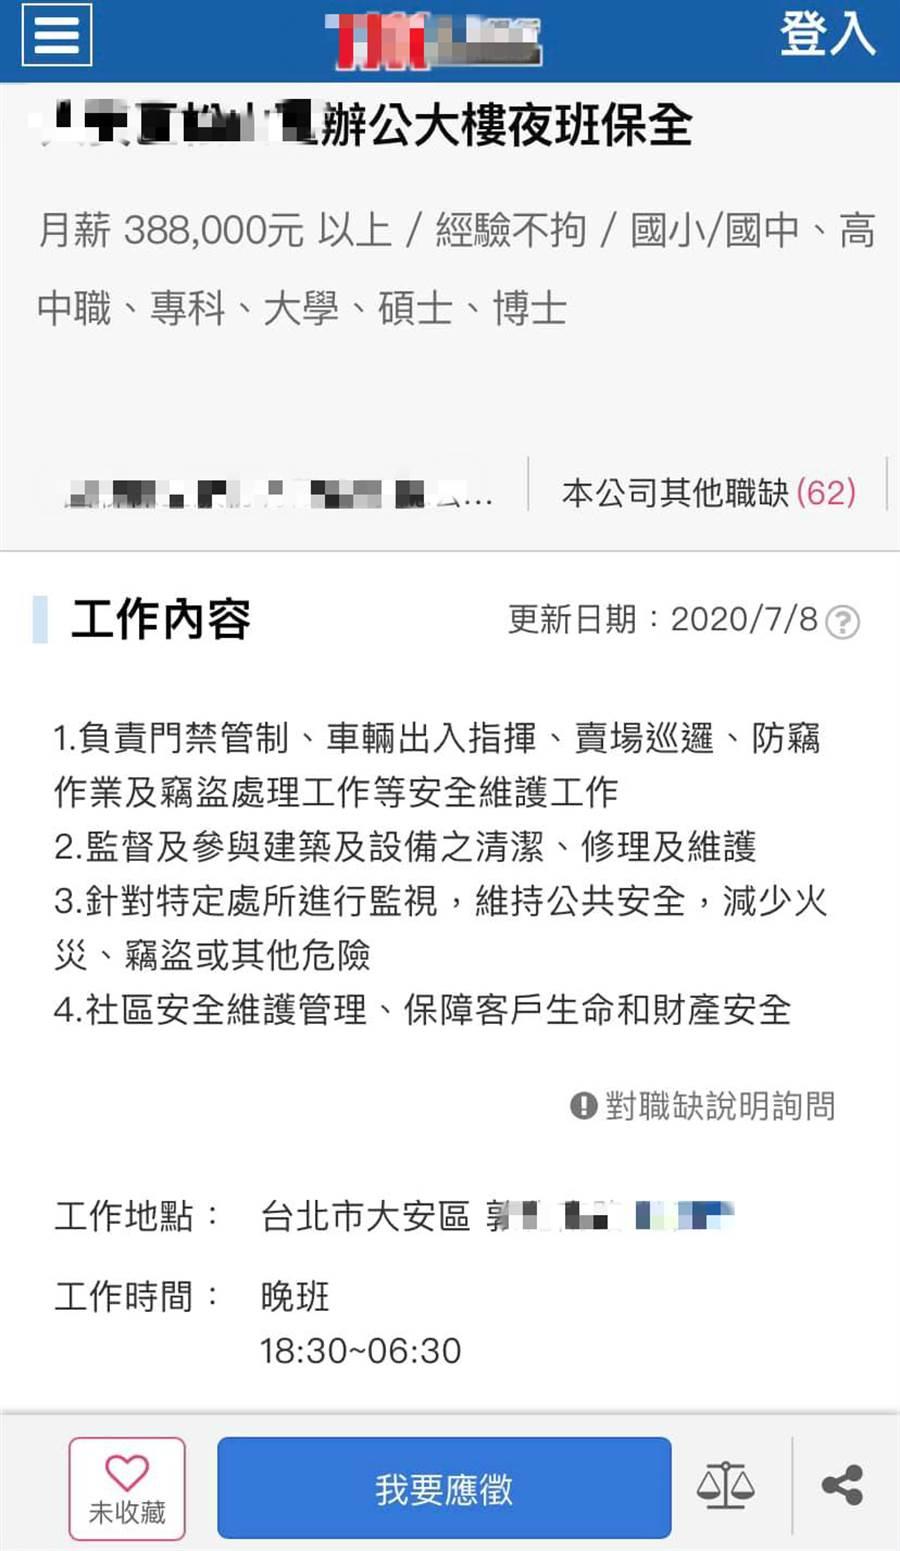 北市大樓徵大夜保全月領38萬!網友暴動要跳槽 (圖/翻攝自爆料公社)